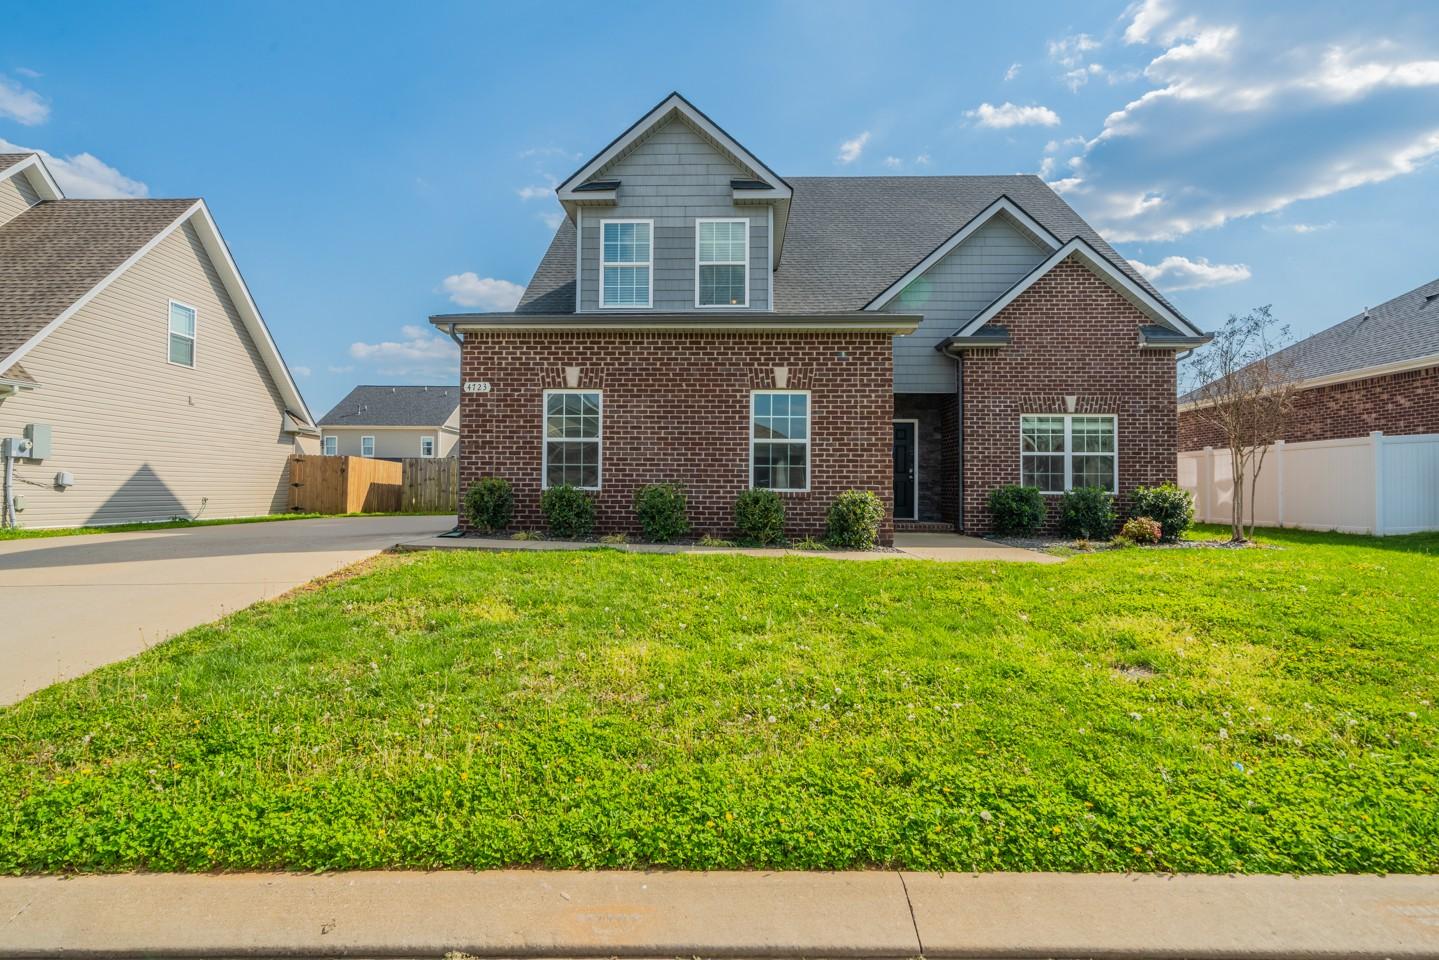 4723 Compassion Ln Property Photo - Murfreesboro, TN real estate listing